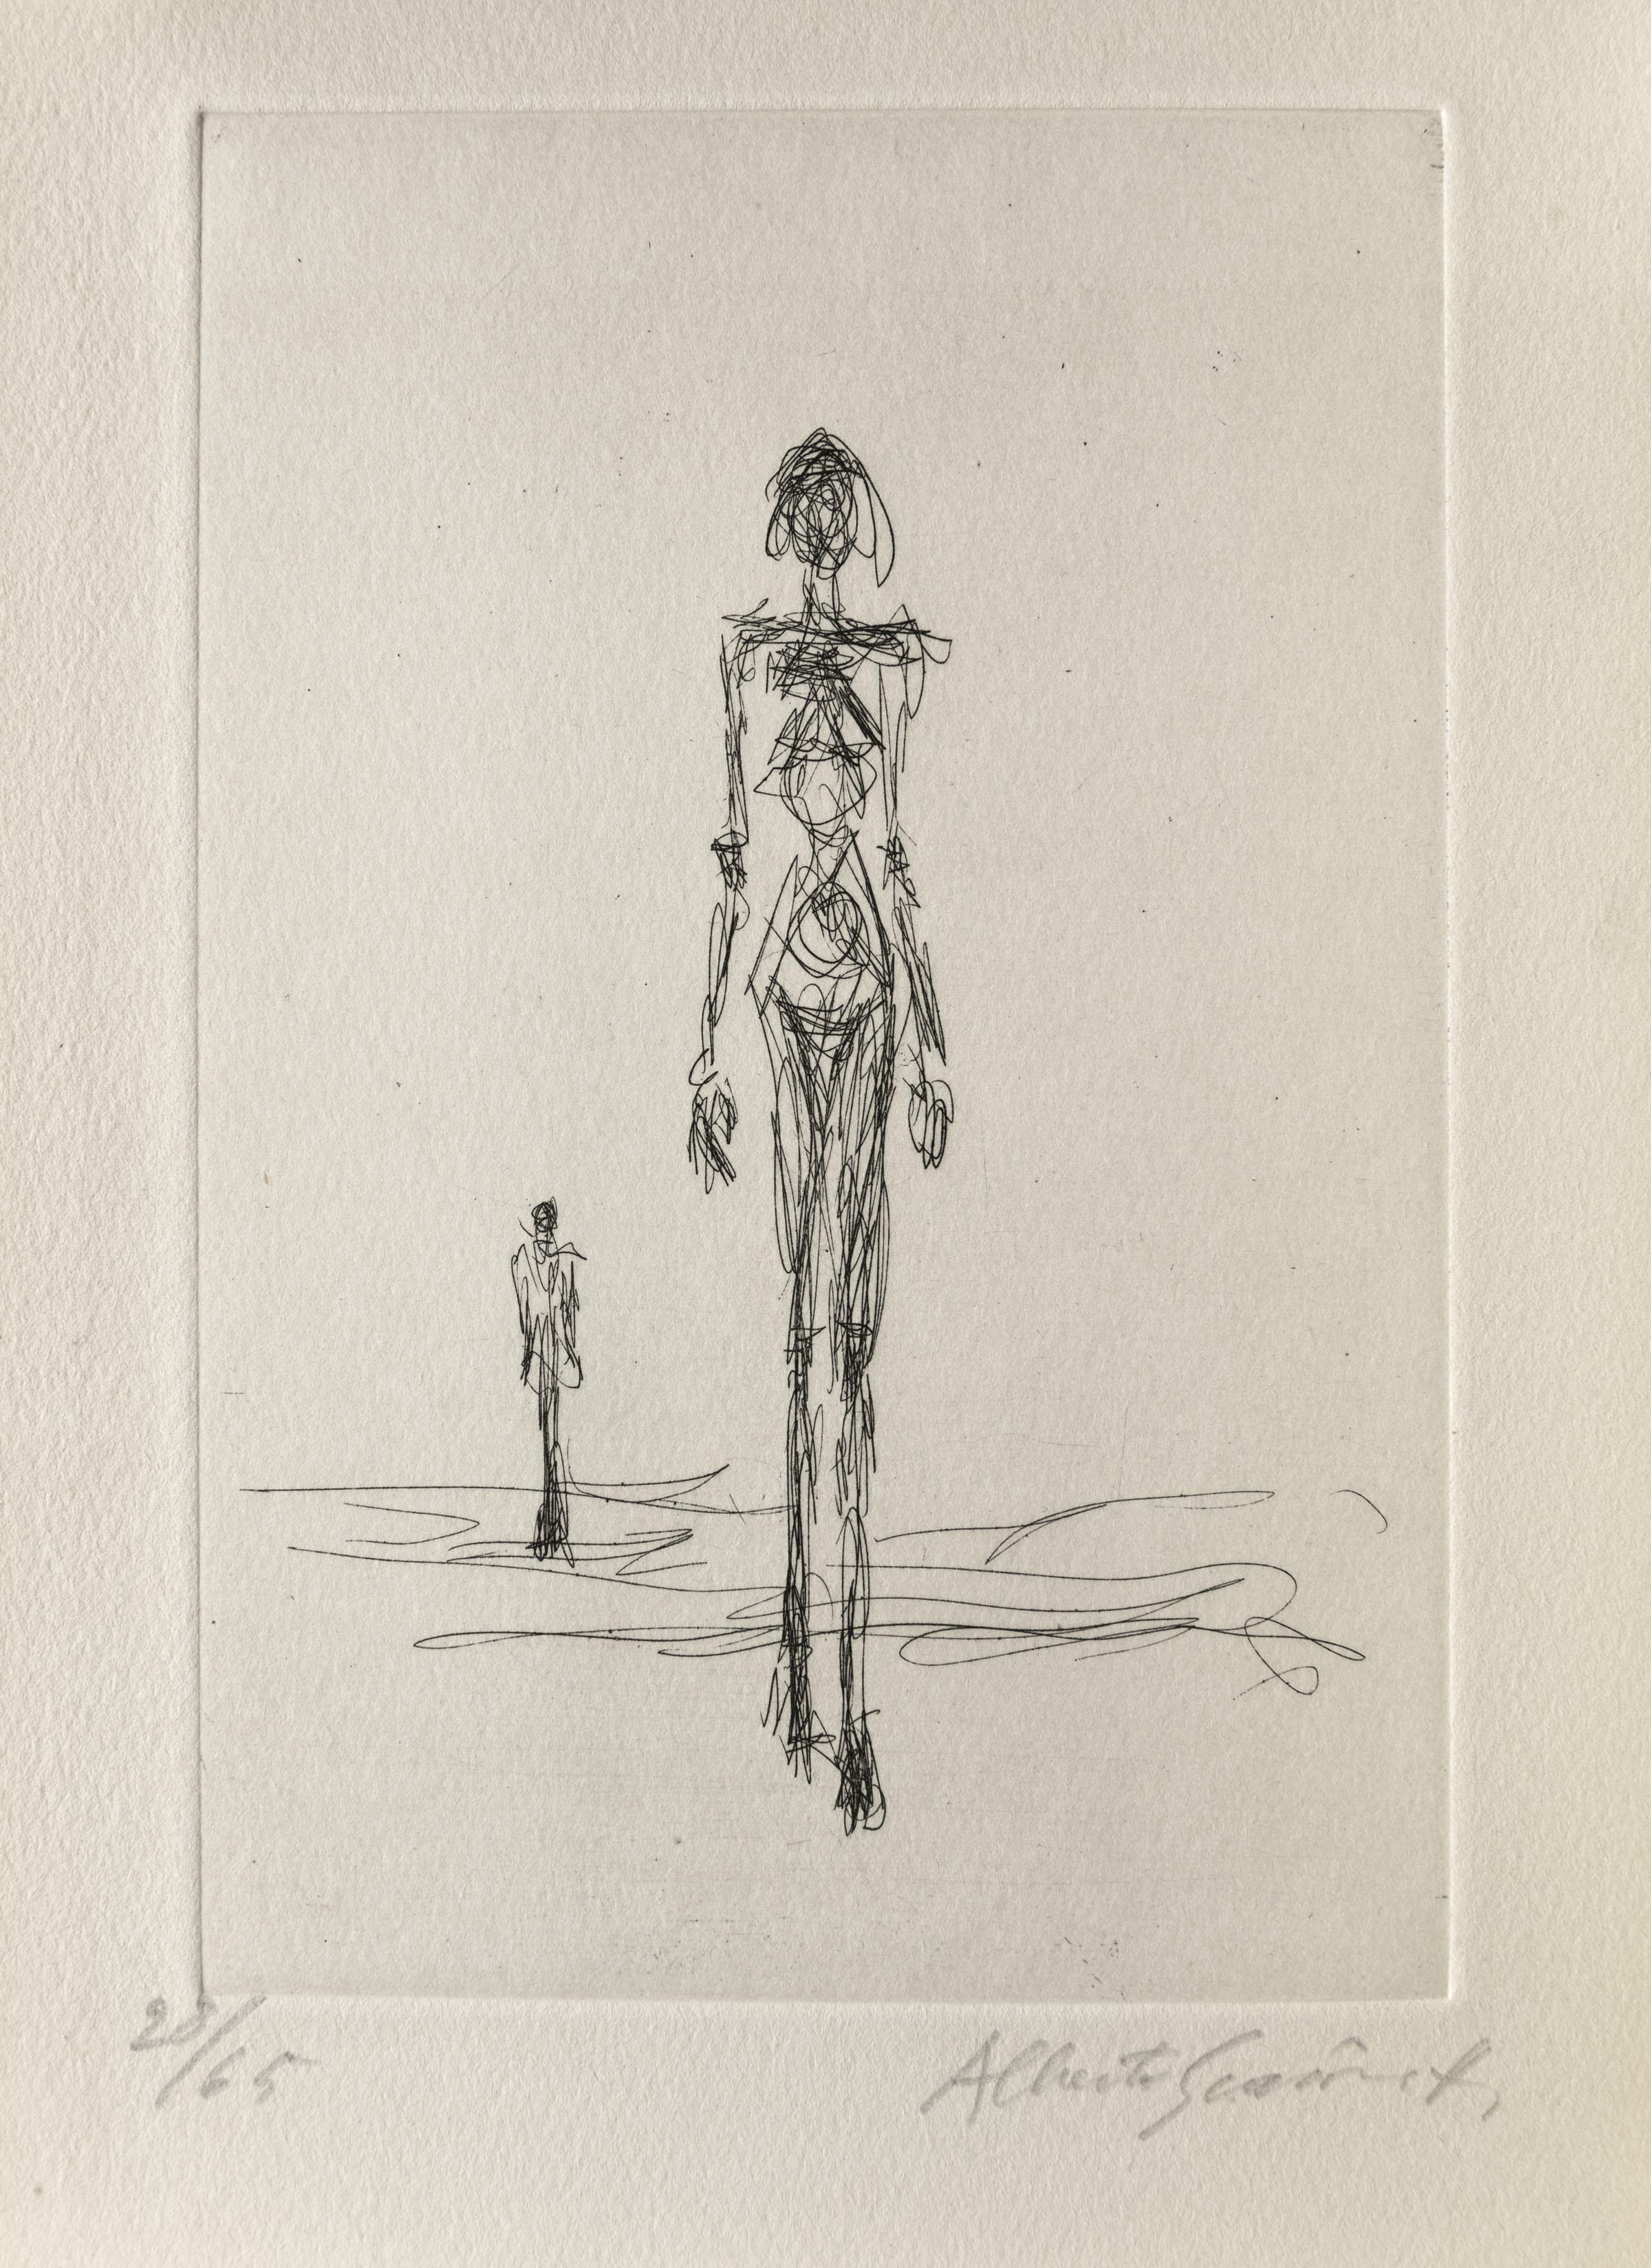 A Chiasso in mostra la produzione grafica di Giacometti: esposti oltre 400 fogli